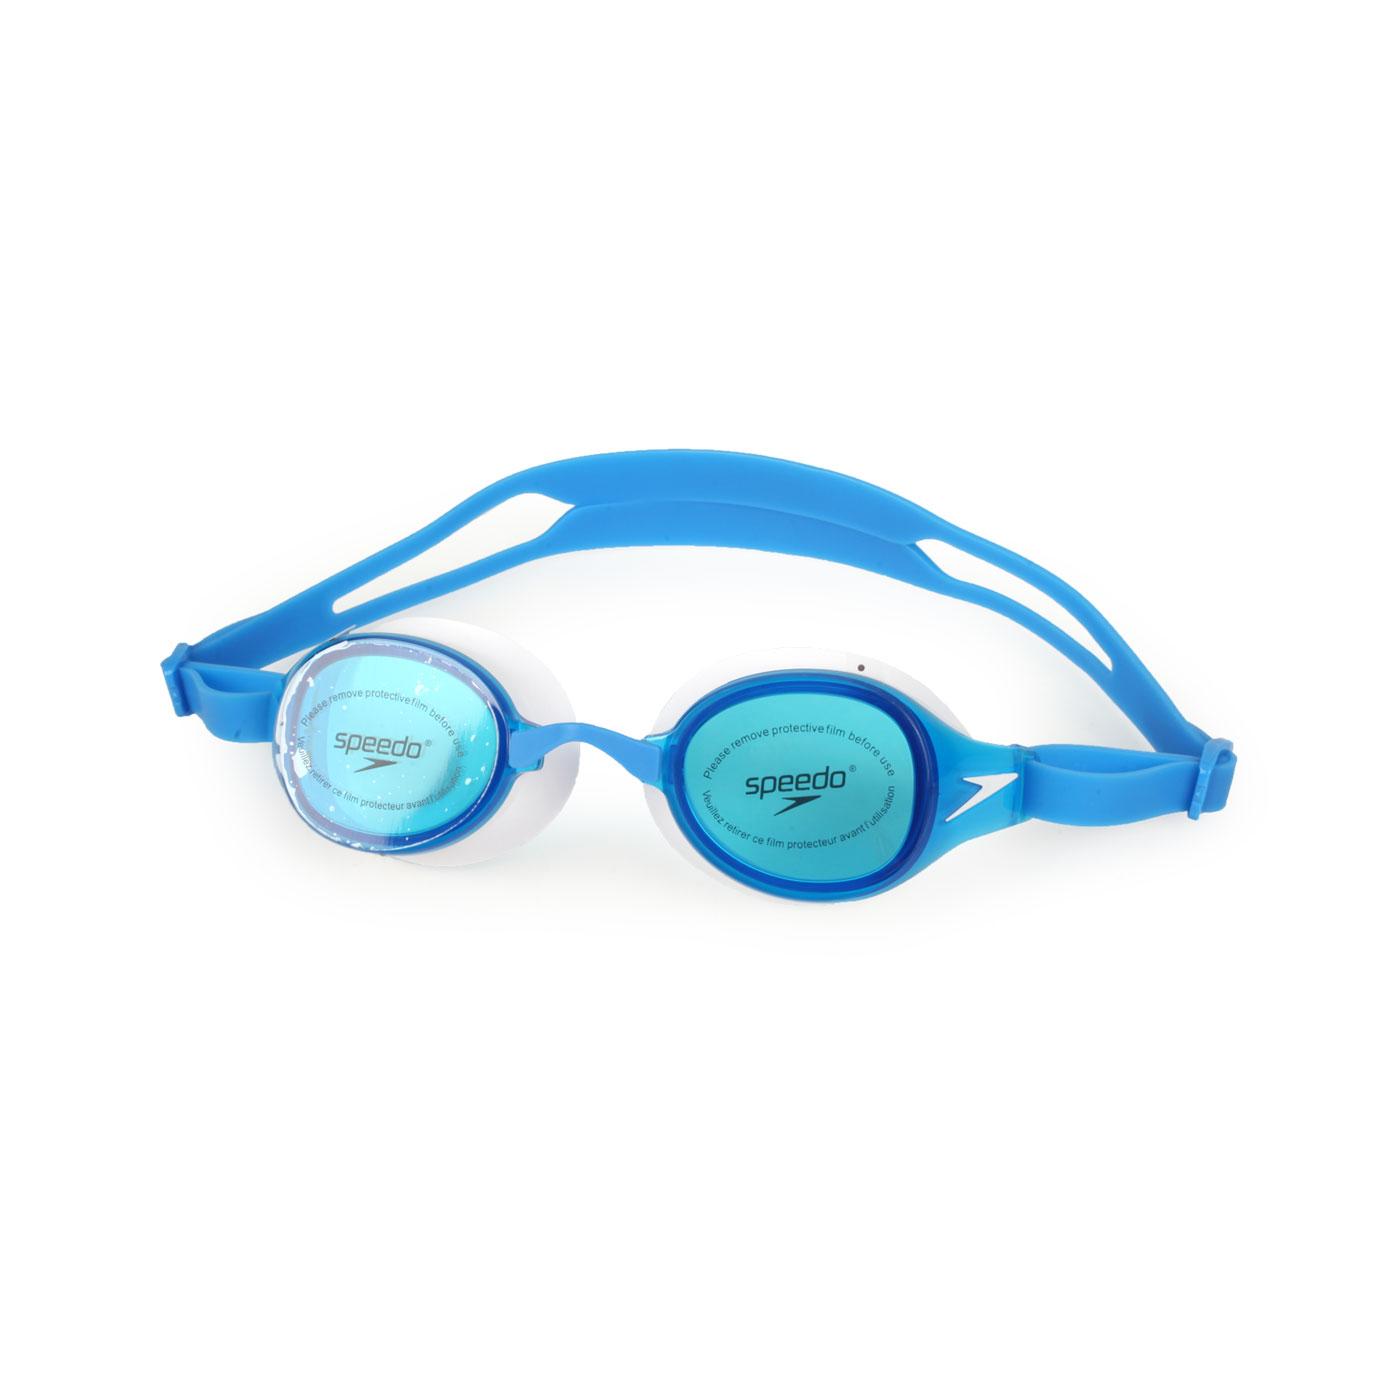 SPEEDO 成人運動泳鏡 SD812669D665 - 藍白